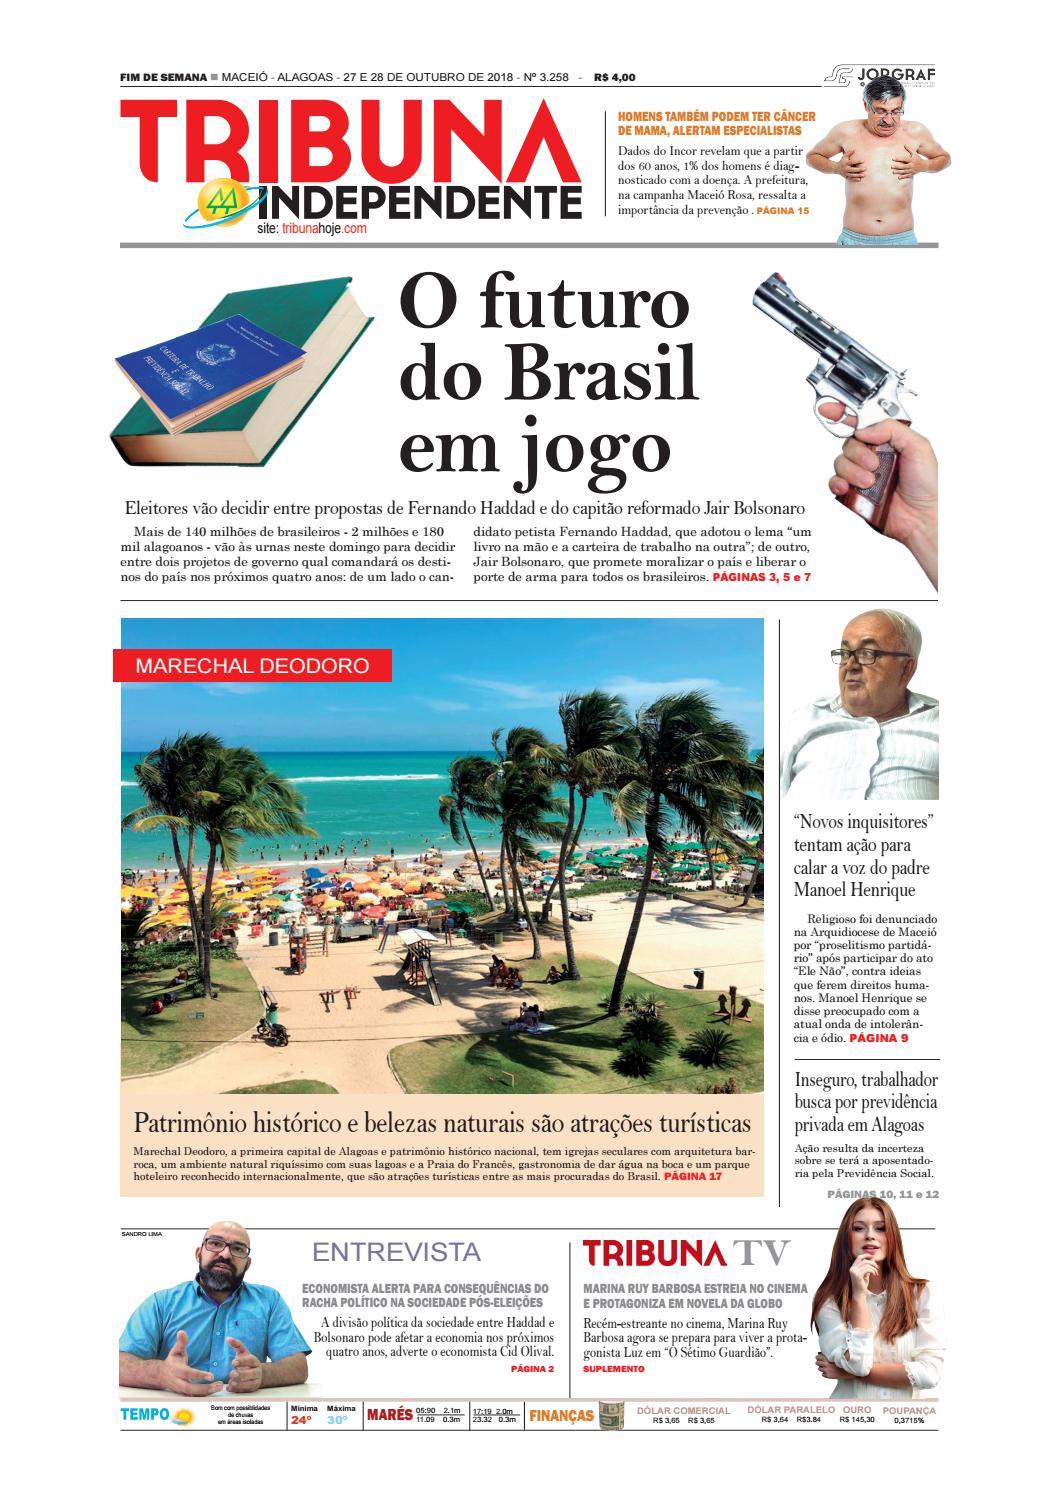 Edição número 3258 - 27 e 28 de outubro de 2018 by Tribuna Hoje - issuu 7e93033a06f2d